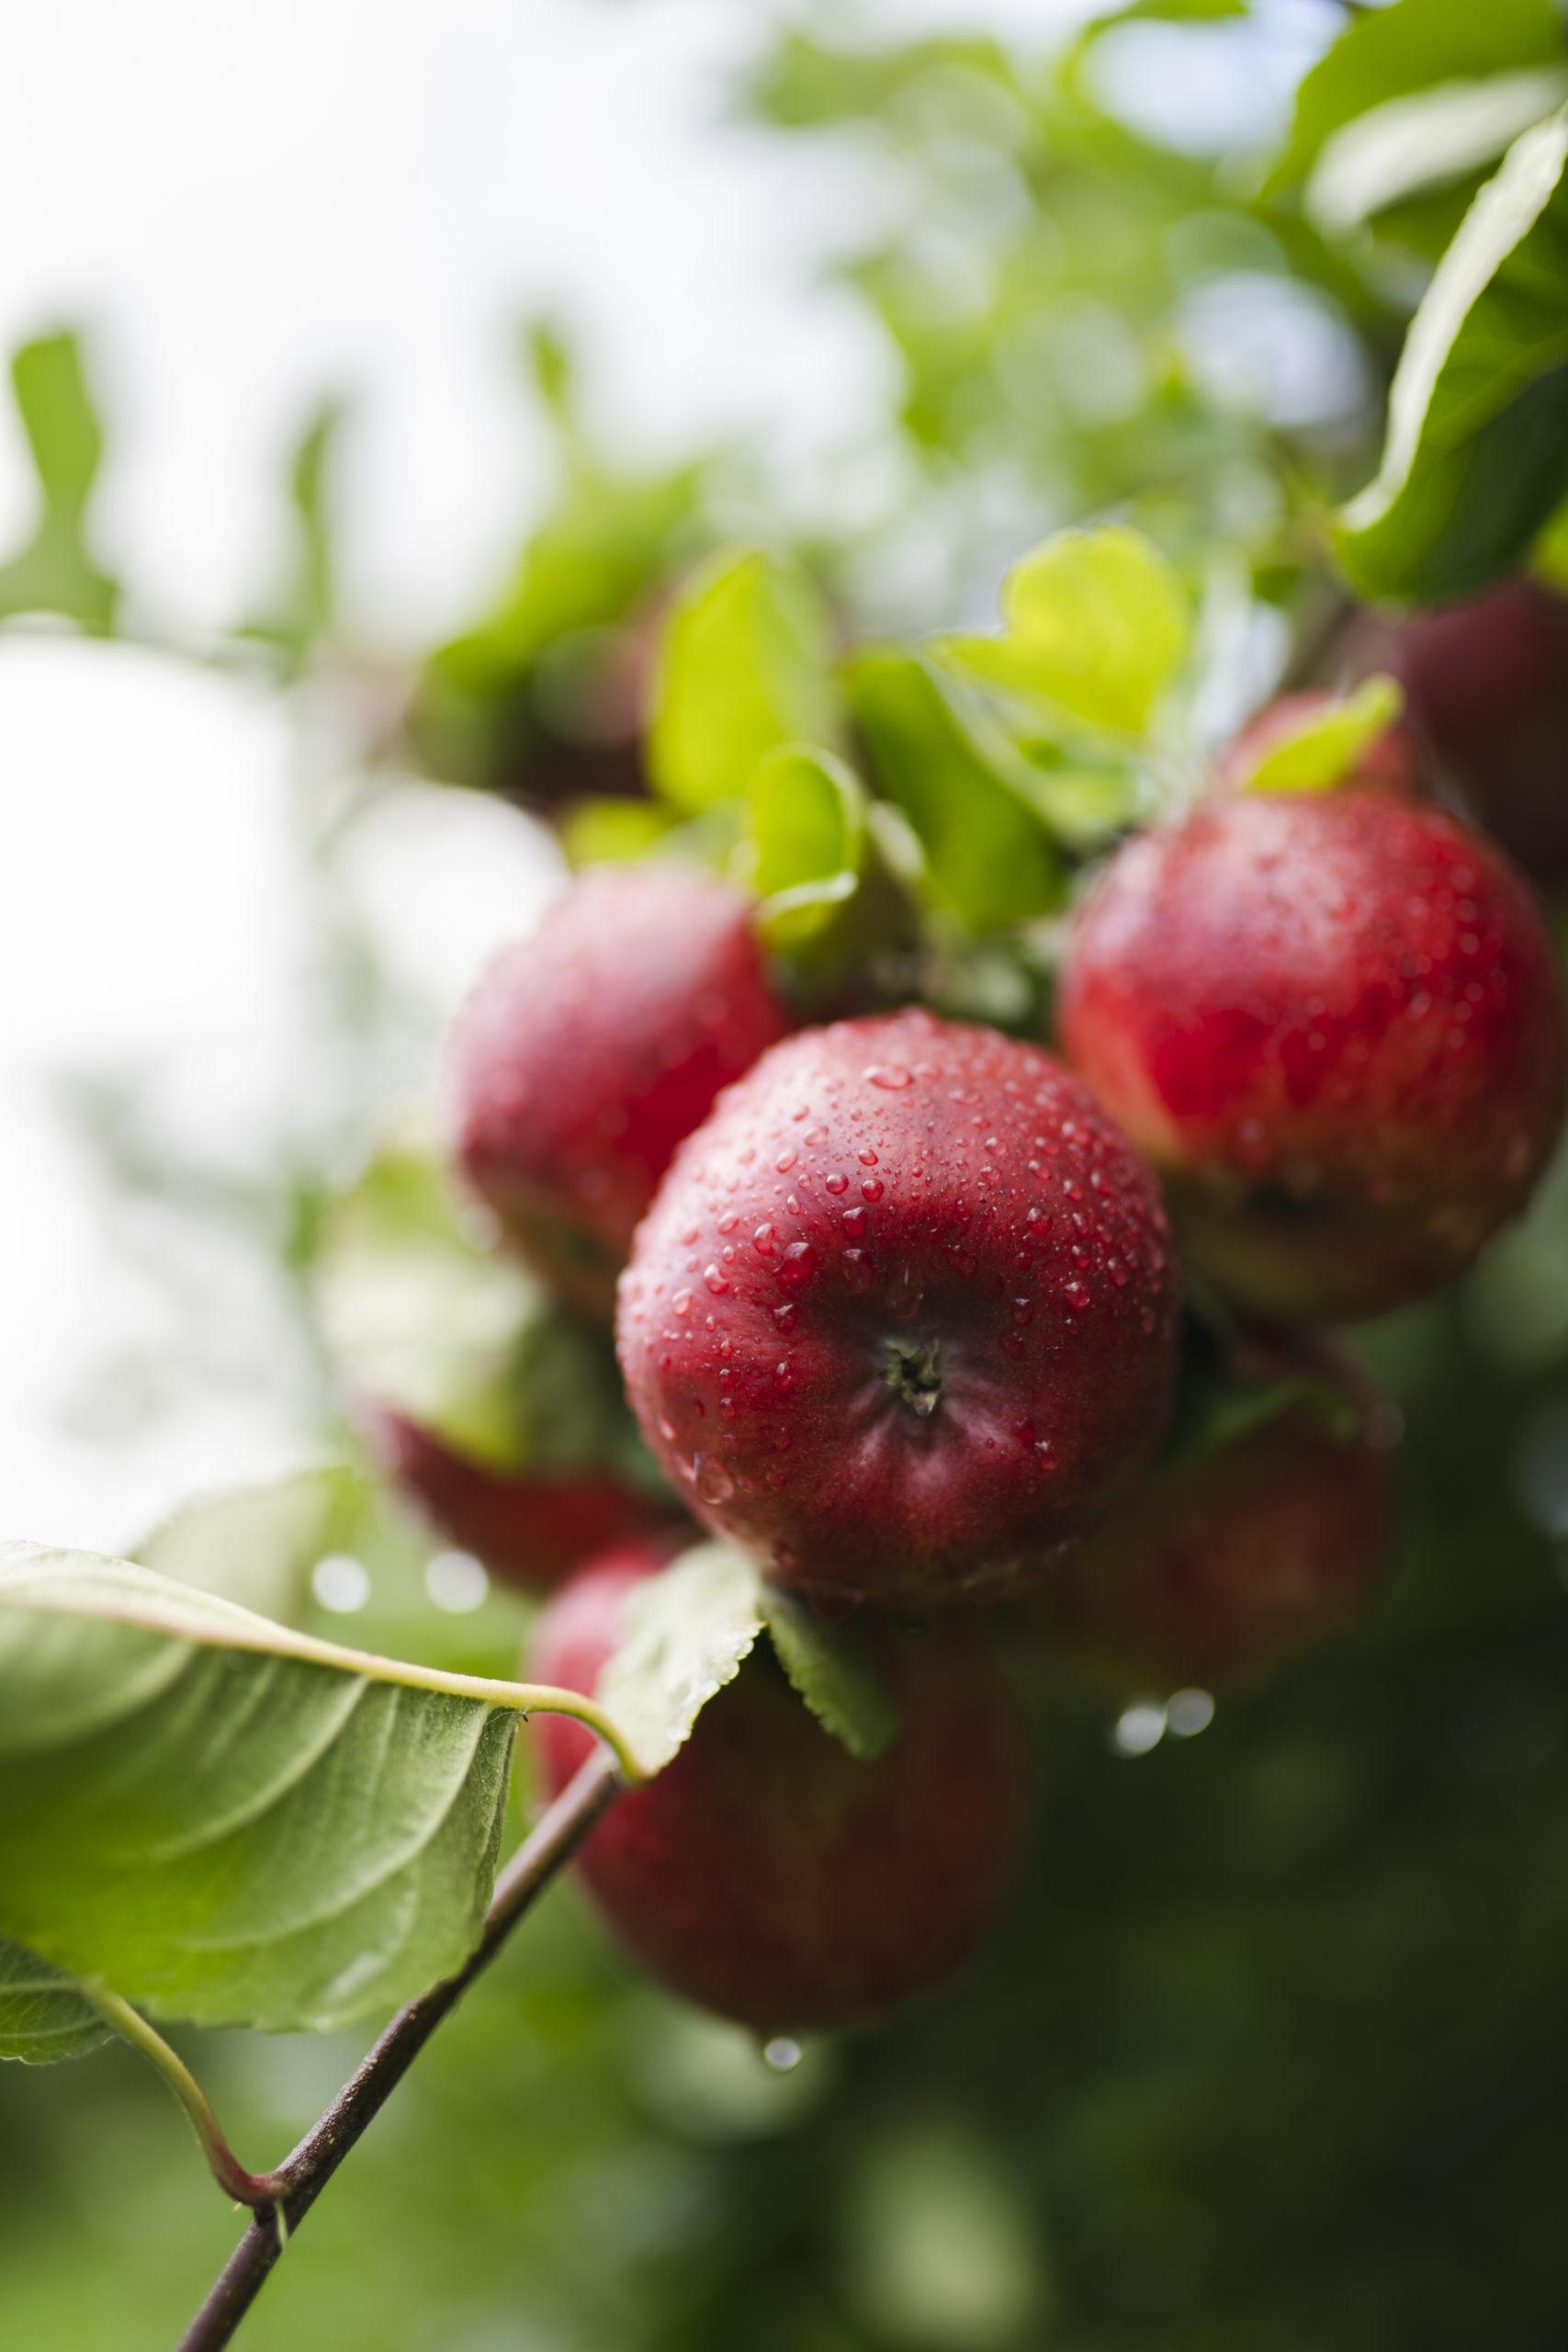 Raude eple på frukttre. Foto: Skarv Studio